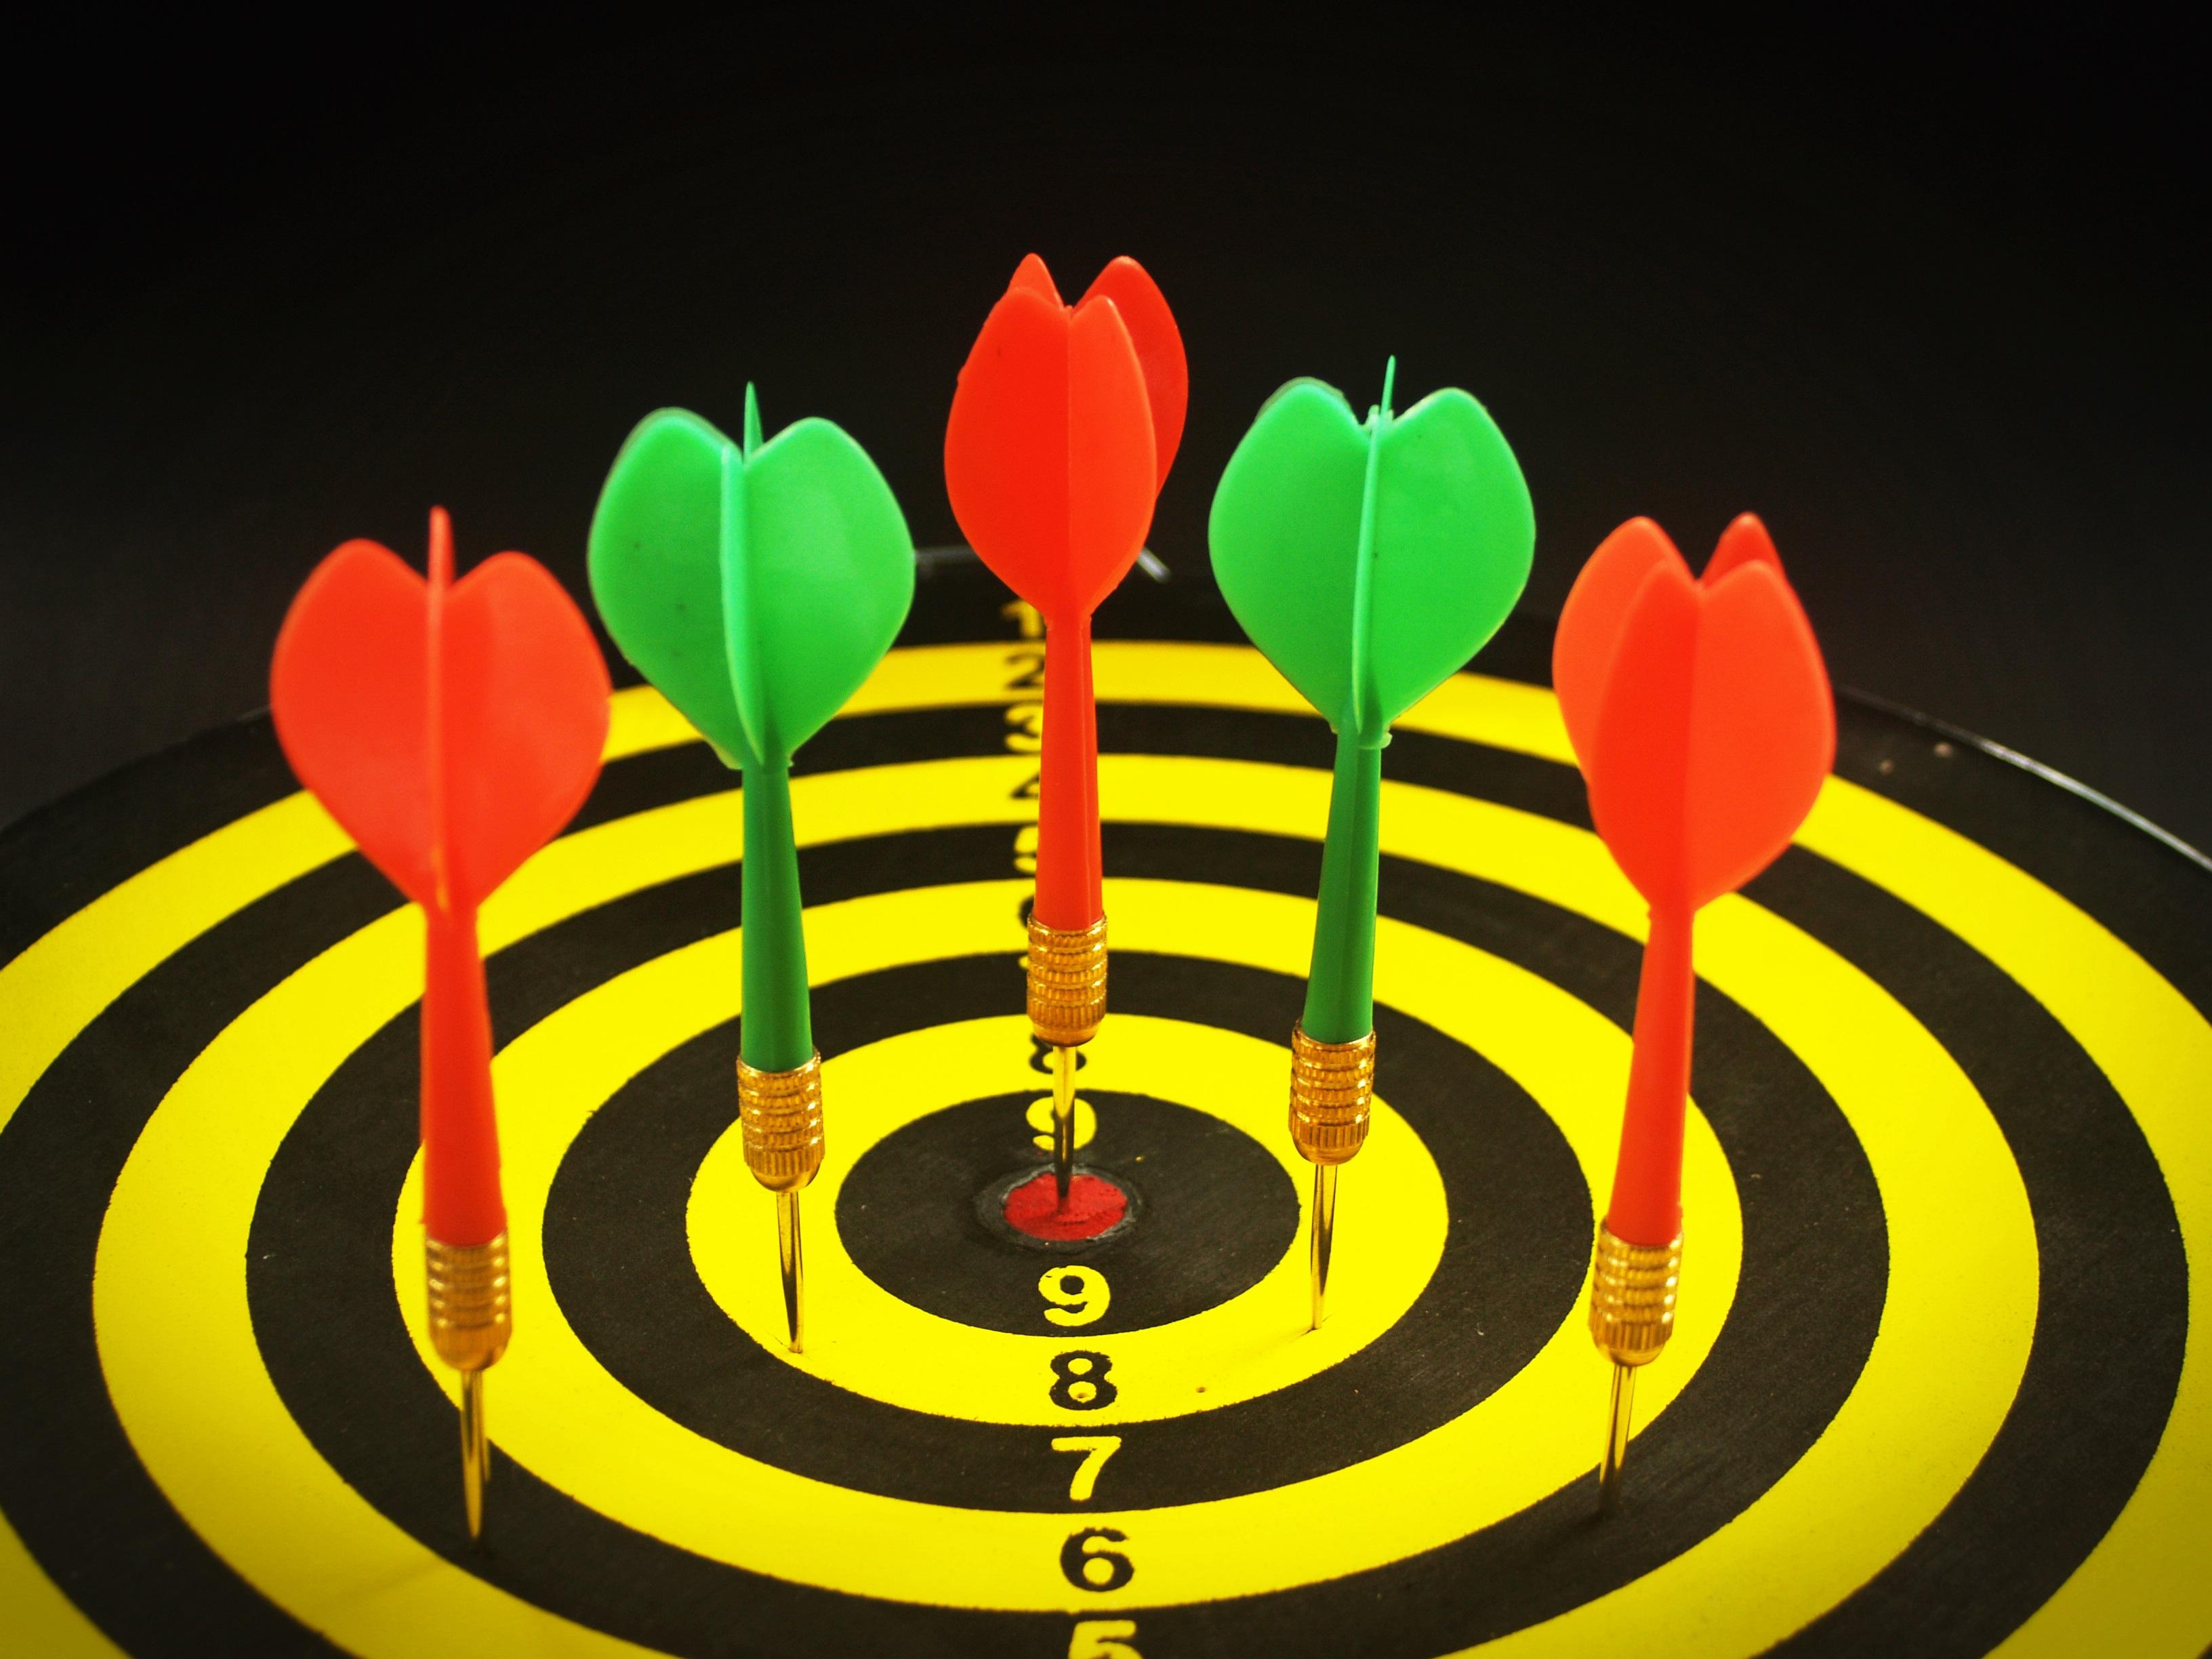 Hình Ảnh : Môn Thể Thao, Trò Chơi, Hoa, Màu Xanh Lá, Đỏ, Màu Vàng, Vòng  Tròn, Vui Vẻ, Hình Minh Họa, Độ Chính Xác, Mục Tiêu, Mục Đích, Phi Tiêu, ...